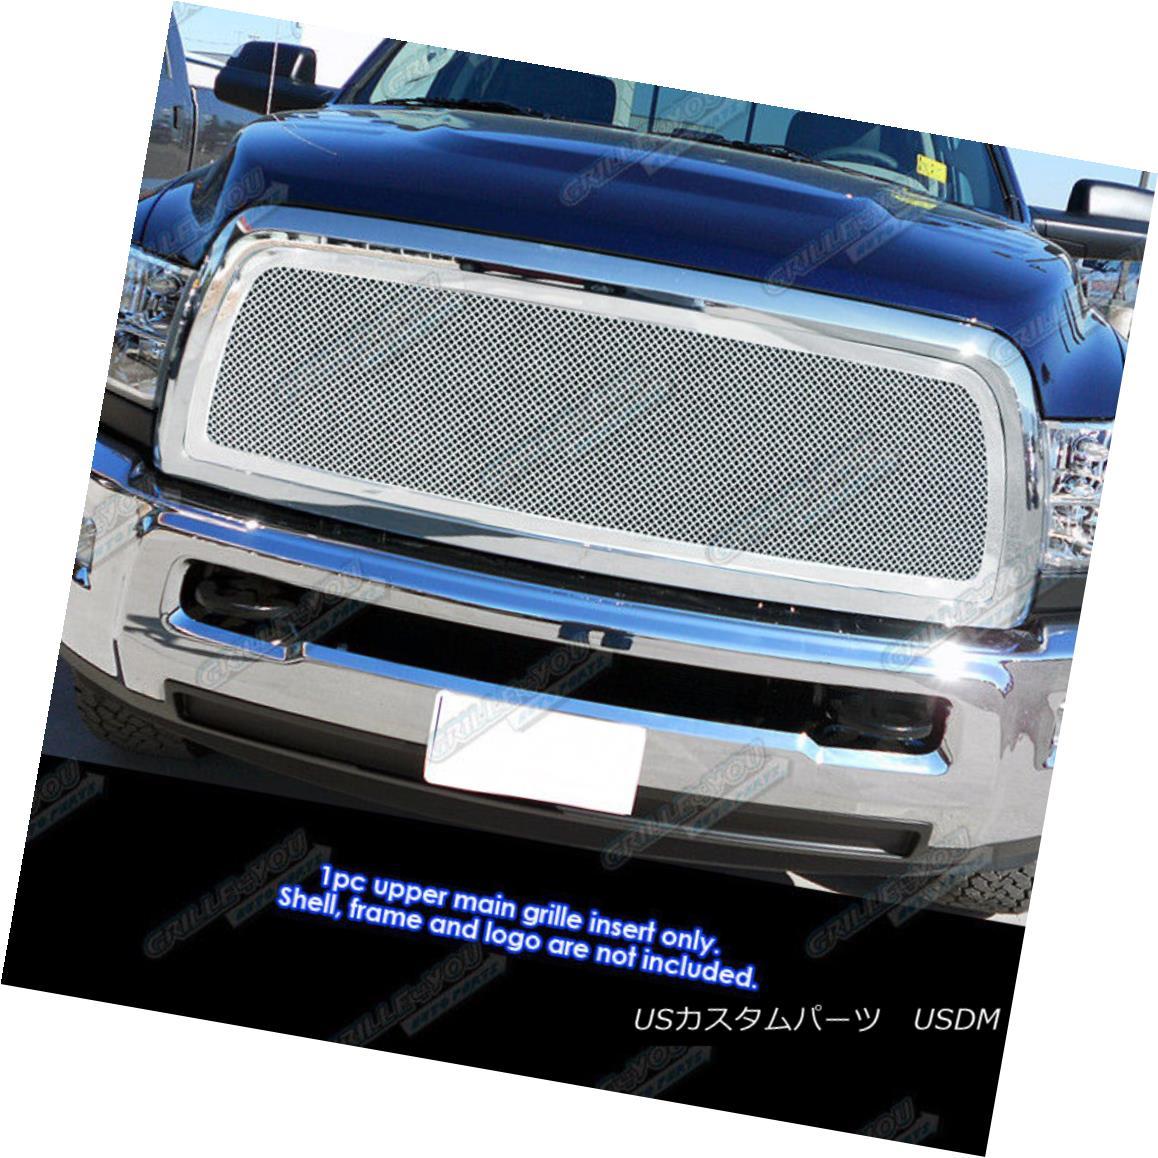 グリル Fits 2010-2013 Dodge Ram 2500/3500 Stainless Steel Mesh Grille Grill Insert フィット2010-2013ダッジラム2500/3500ステンレスメッシュグリルグリルインサート